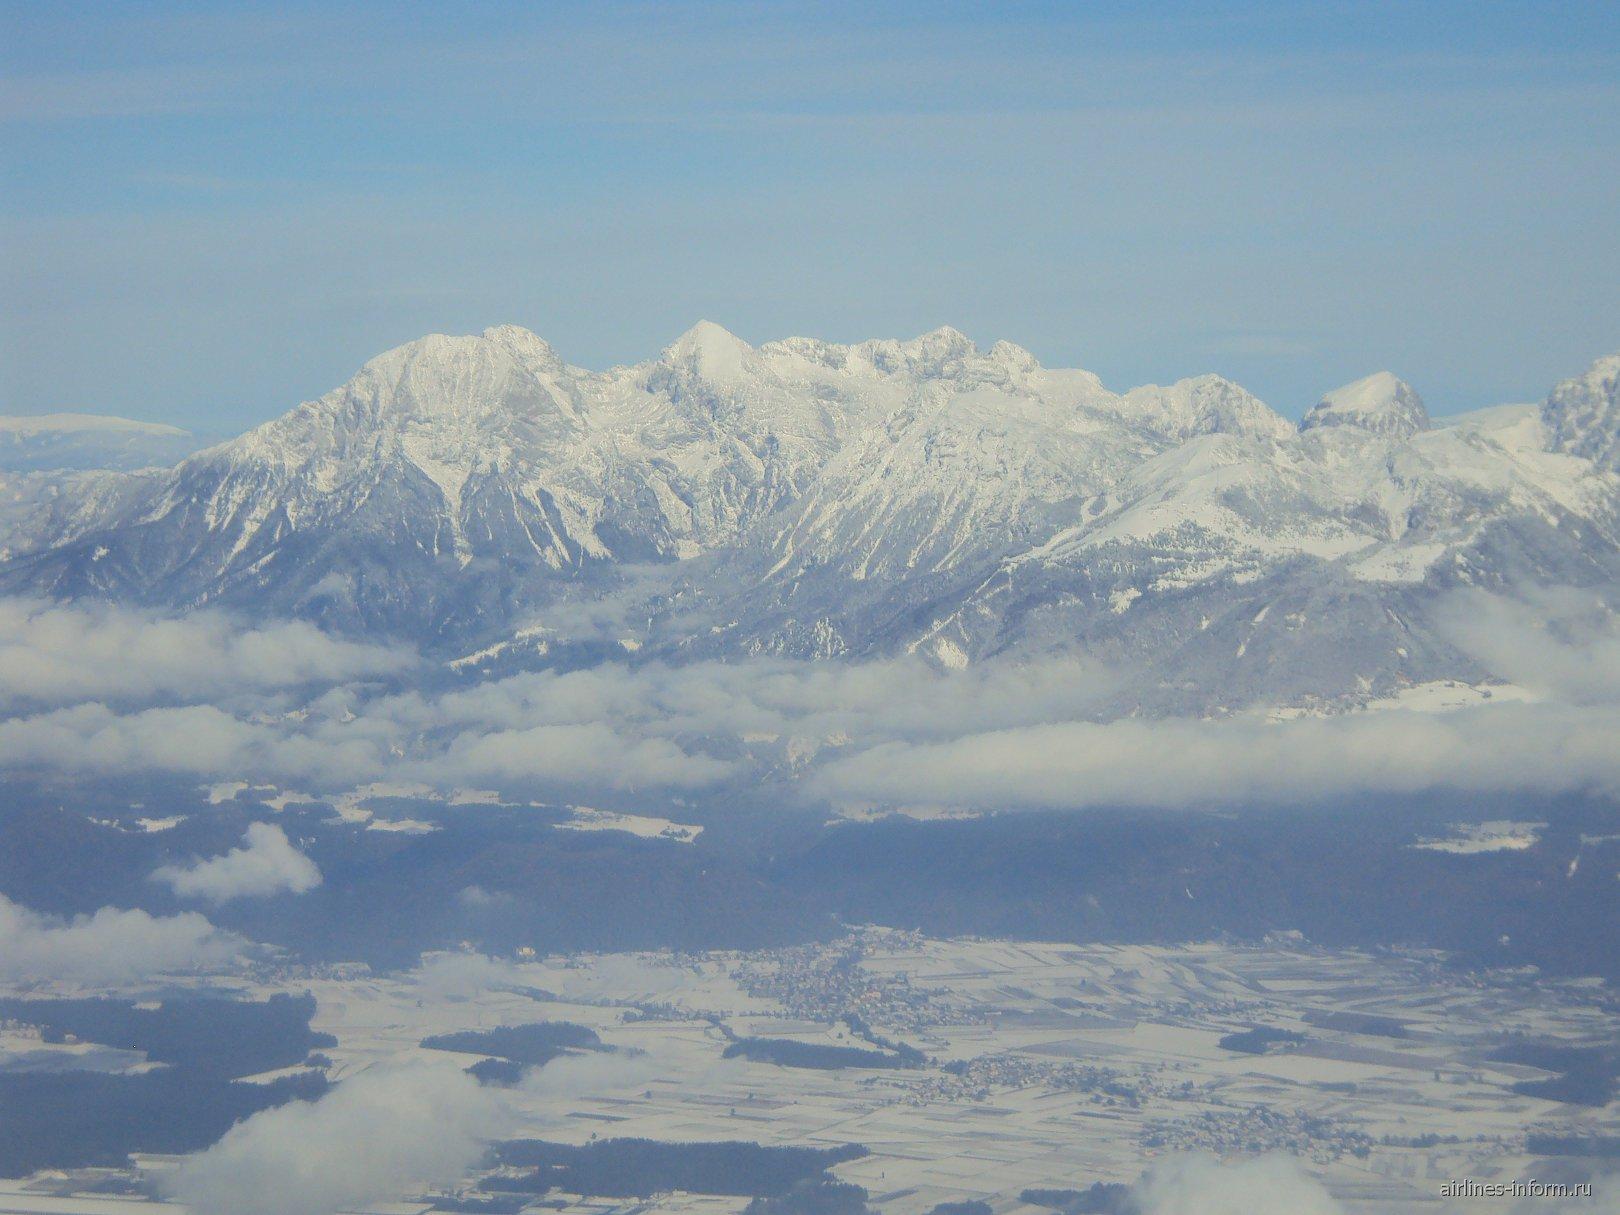 Вид на горы сразу после взлета из аэропорта Любляны